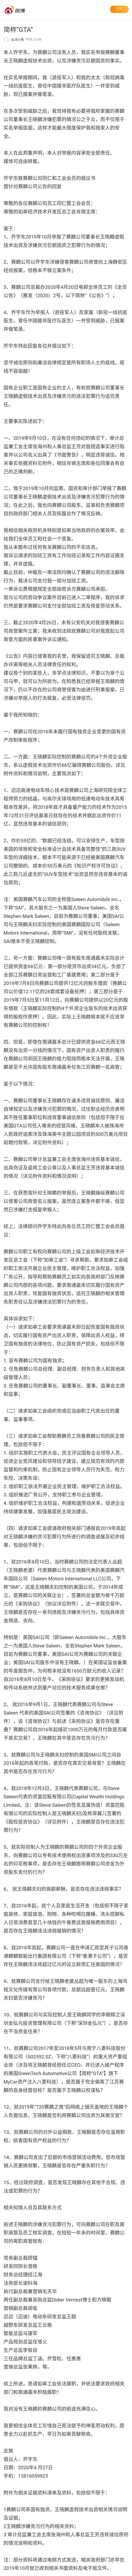 赛麟汽车董事长王晓麟遭实名举报 被指虚